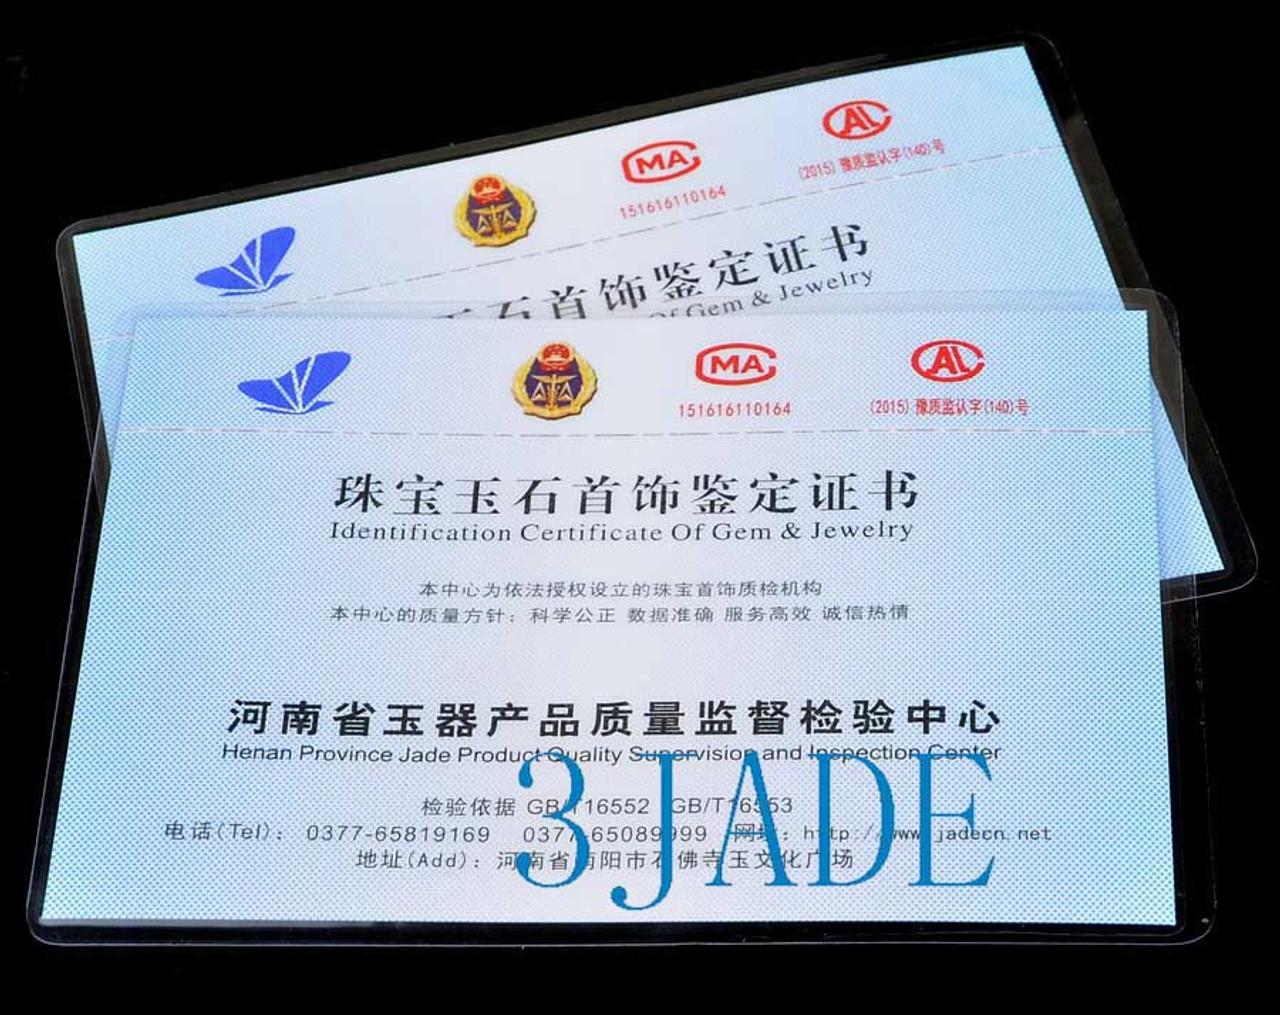 61mm Hand Carved Hetian White Nephrite Jade Bangle Bracelet w/ certificate